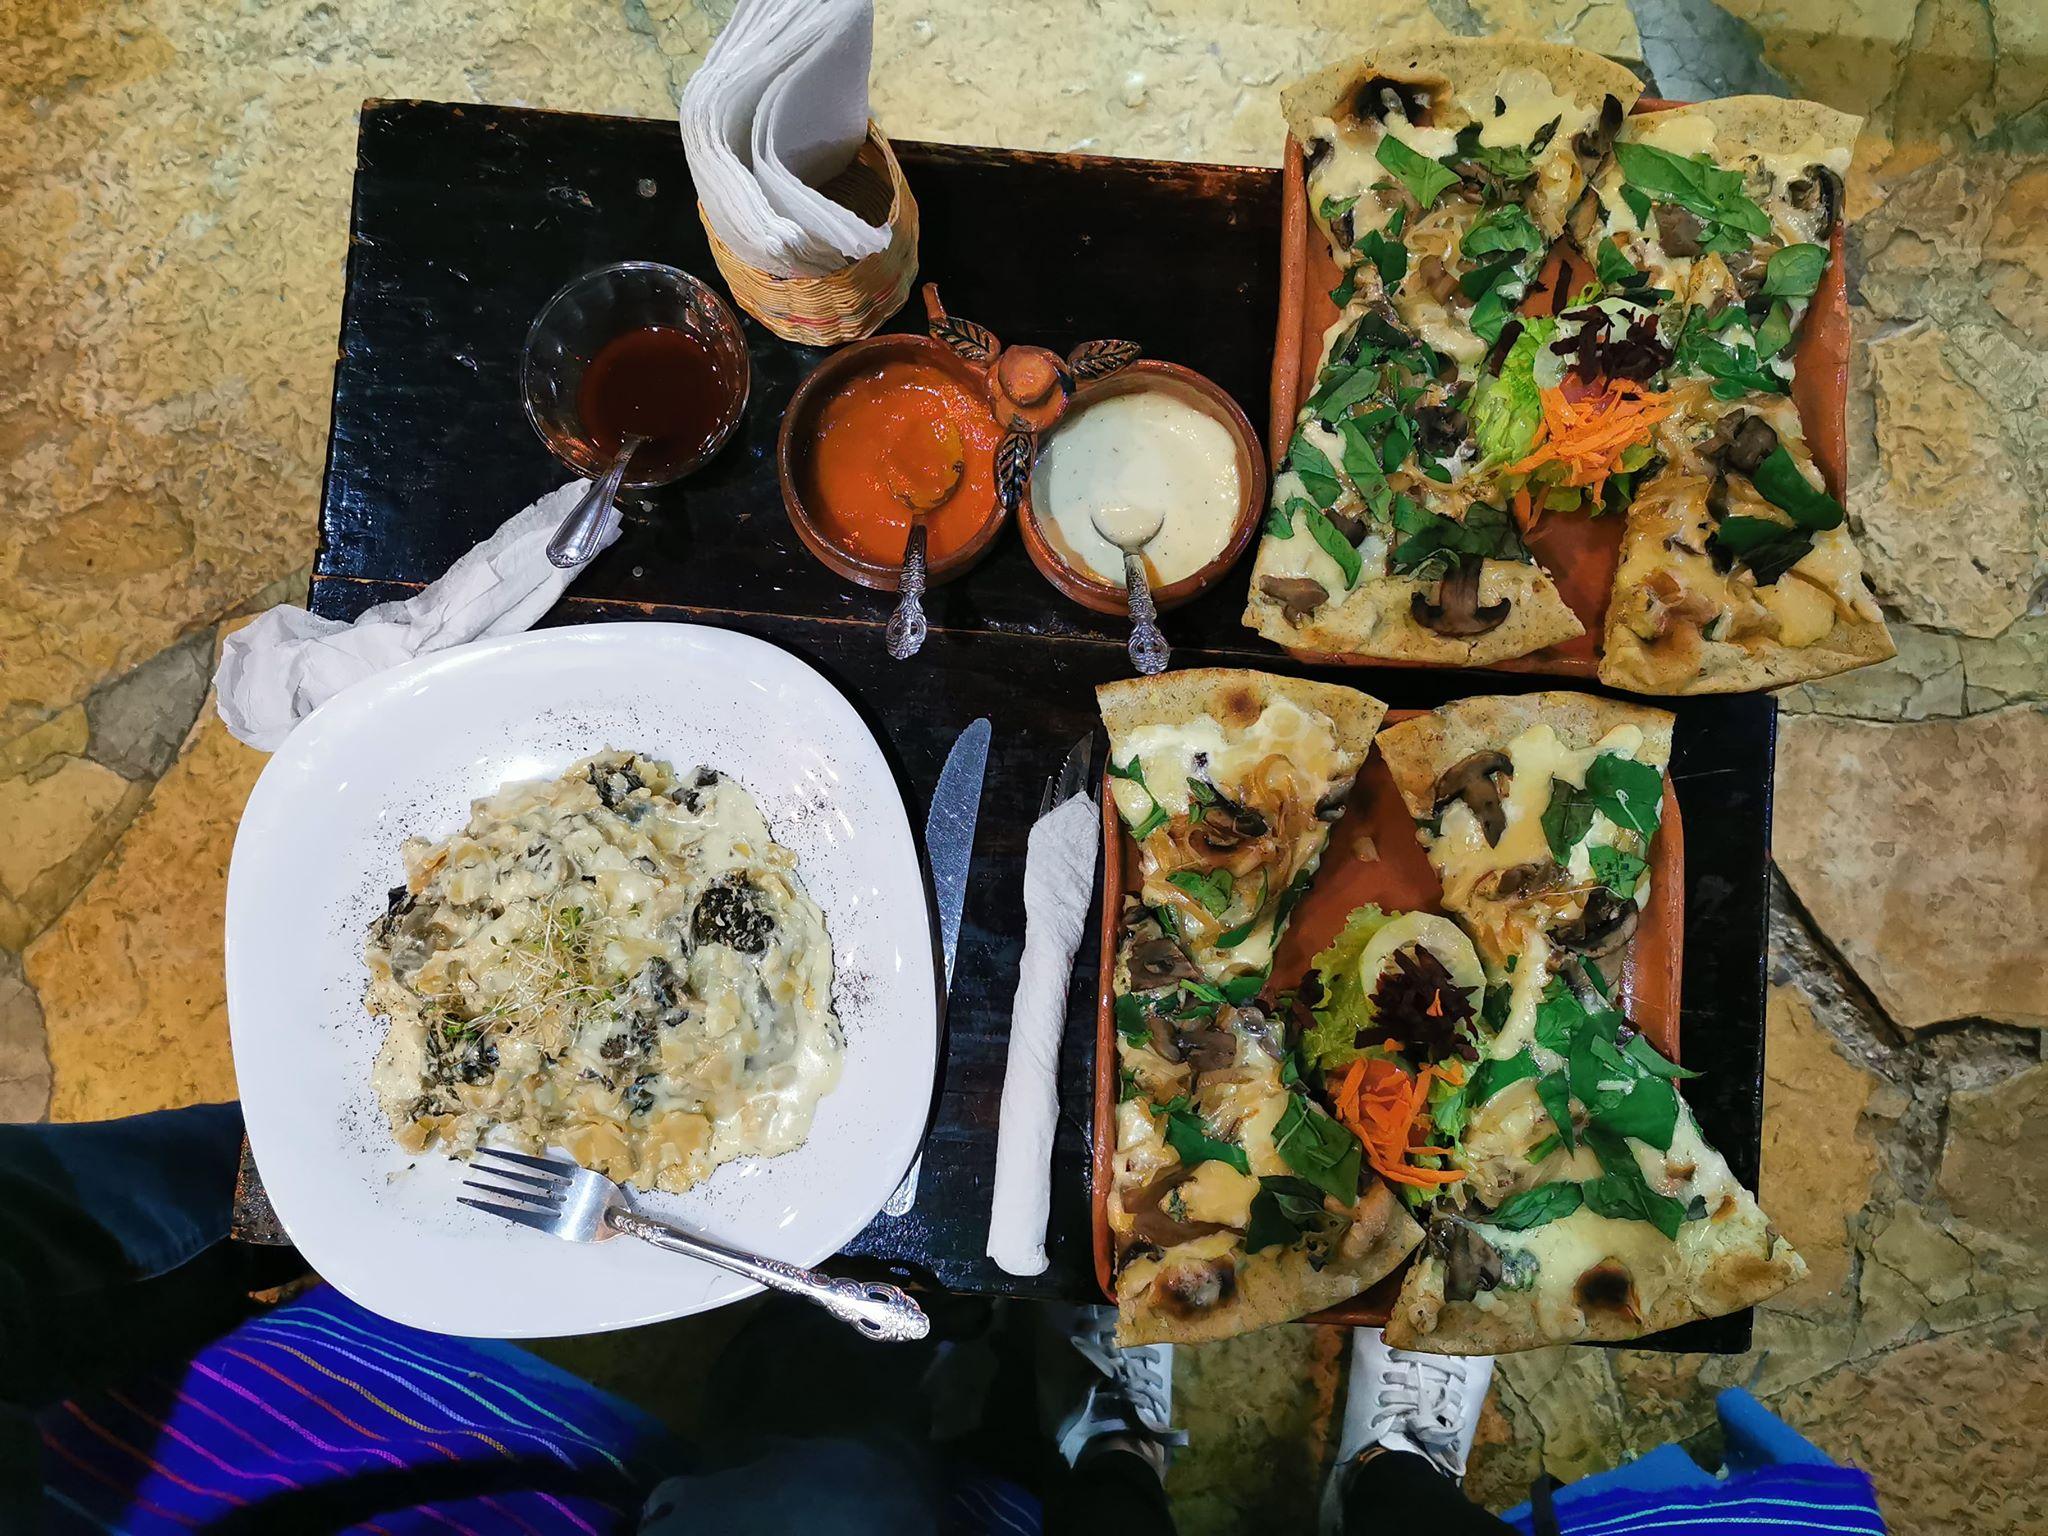 manger végétarien dans les chiapas